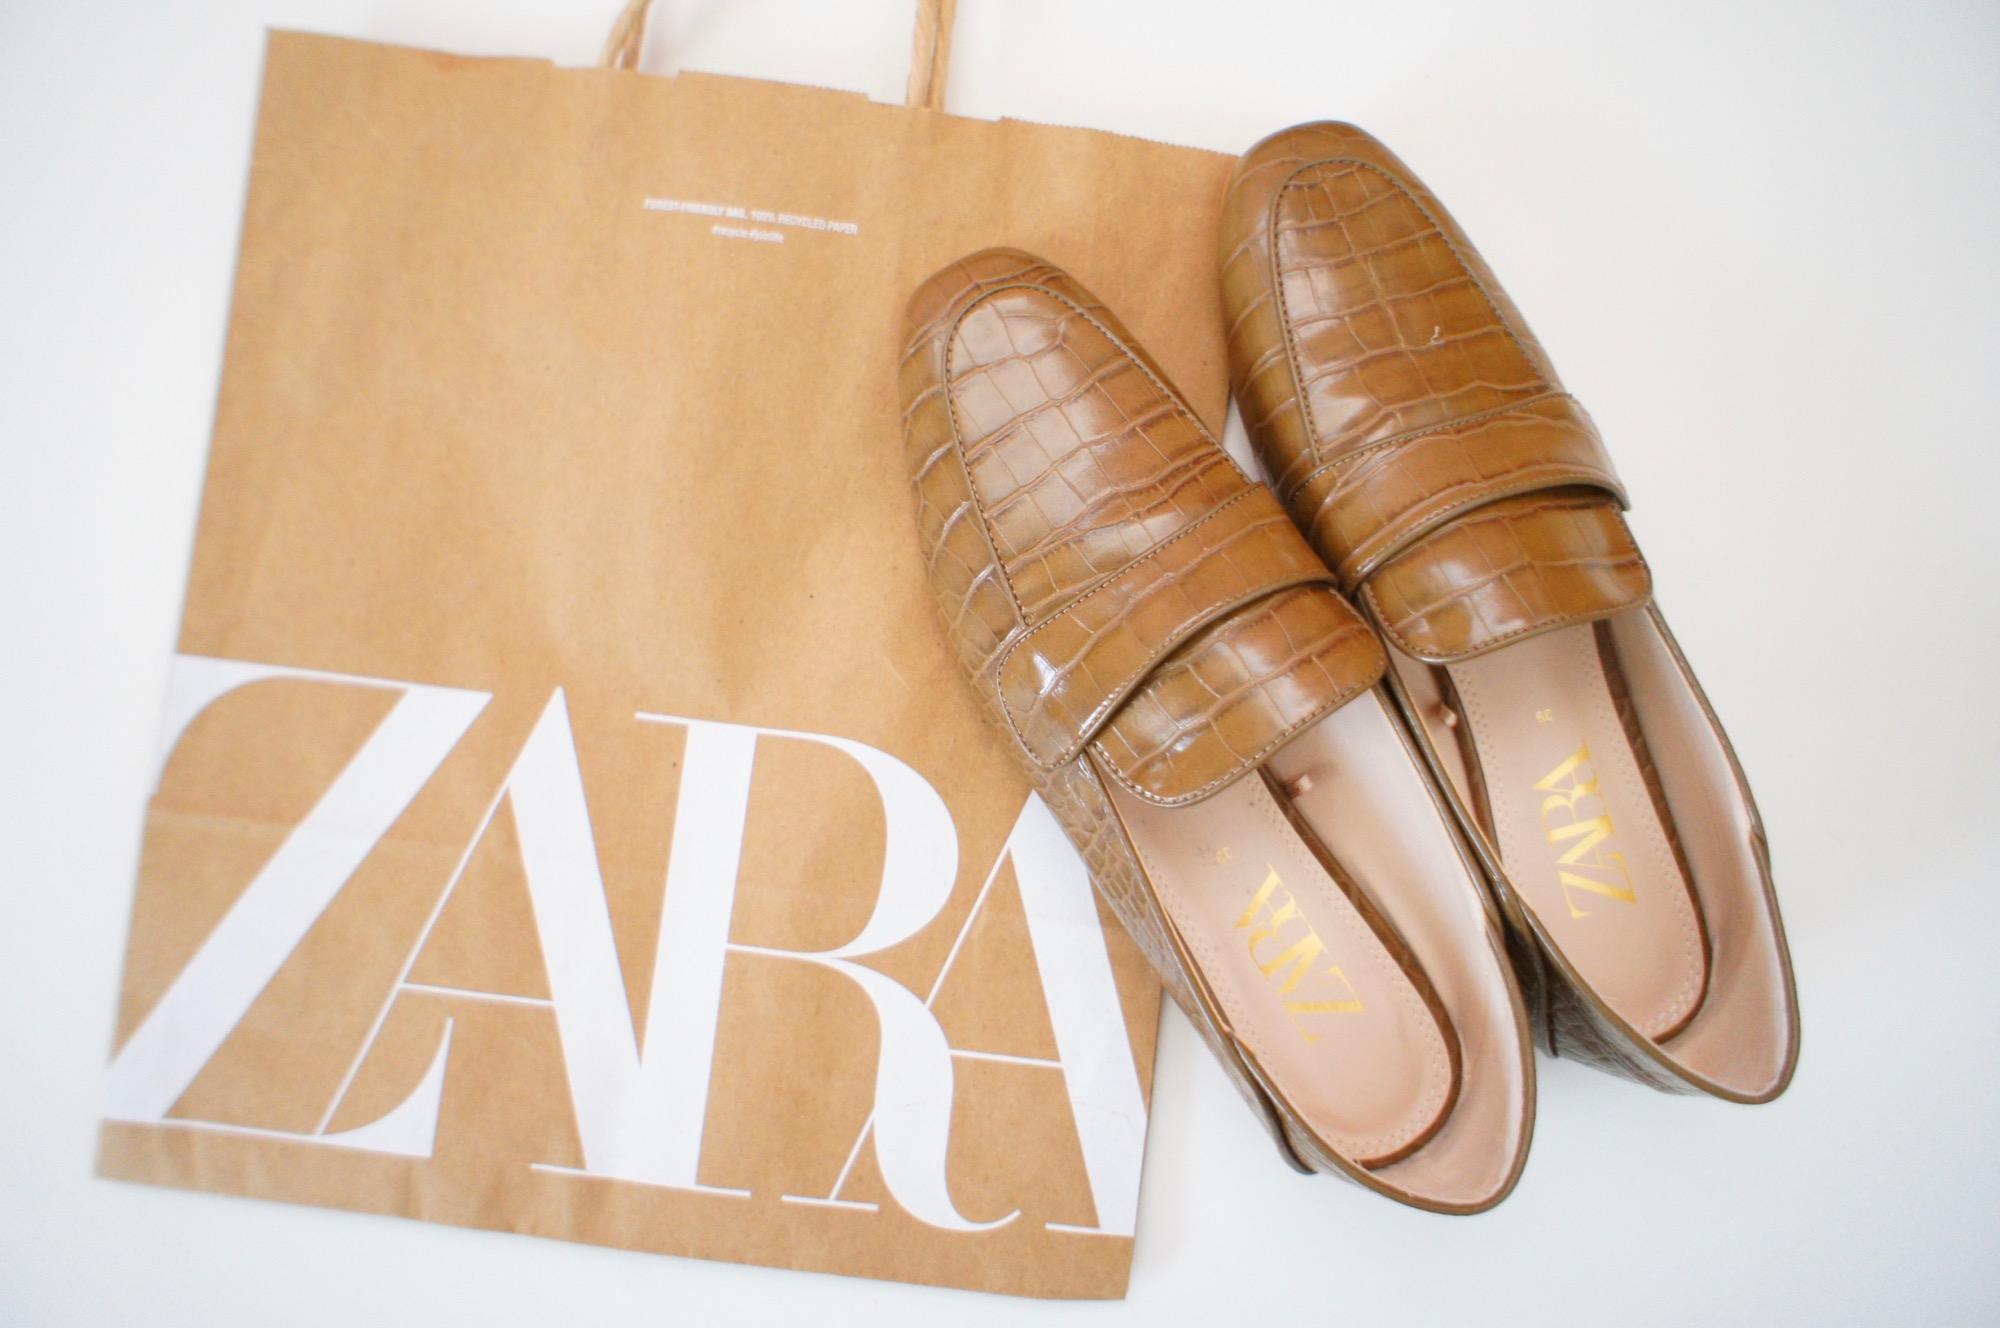 《#ザラジョ 必見❤️》まさかの40%オフ!【ZARA】のsaleで購入したローファー☻_1